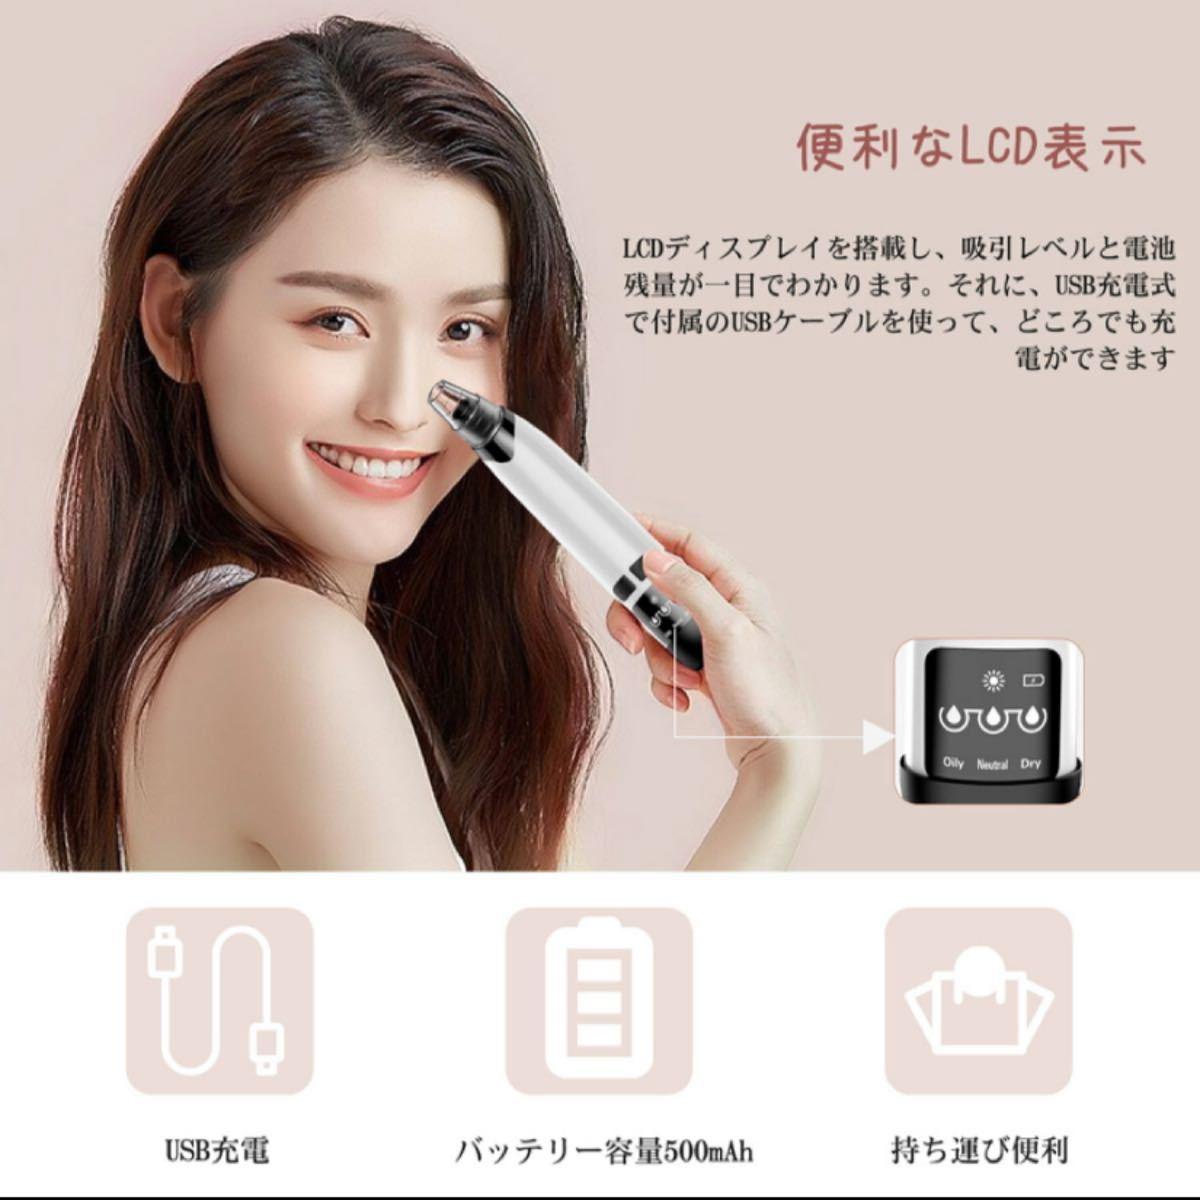 毛穴吸引器 美顔器 ニキビ吸引 毛穴 にきび 角栓 毛穴汚れ イチゴ 充電式